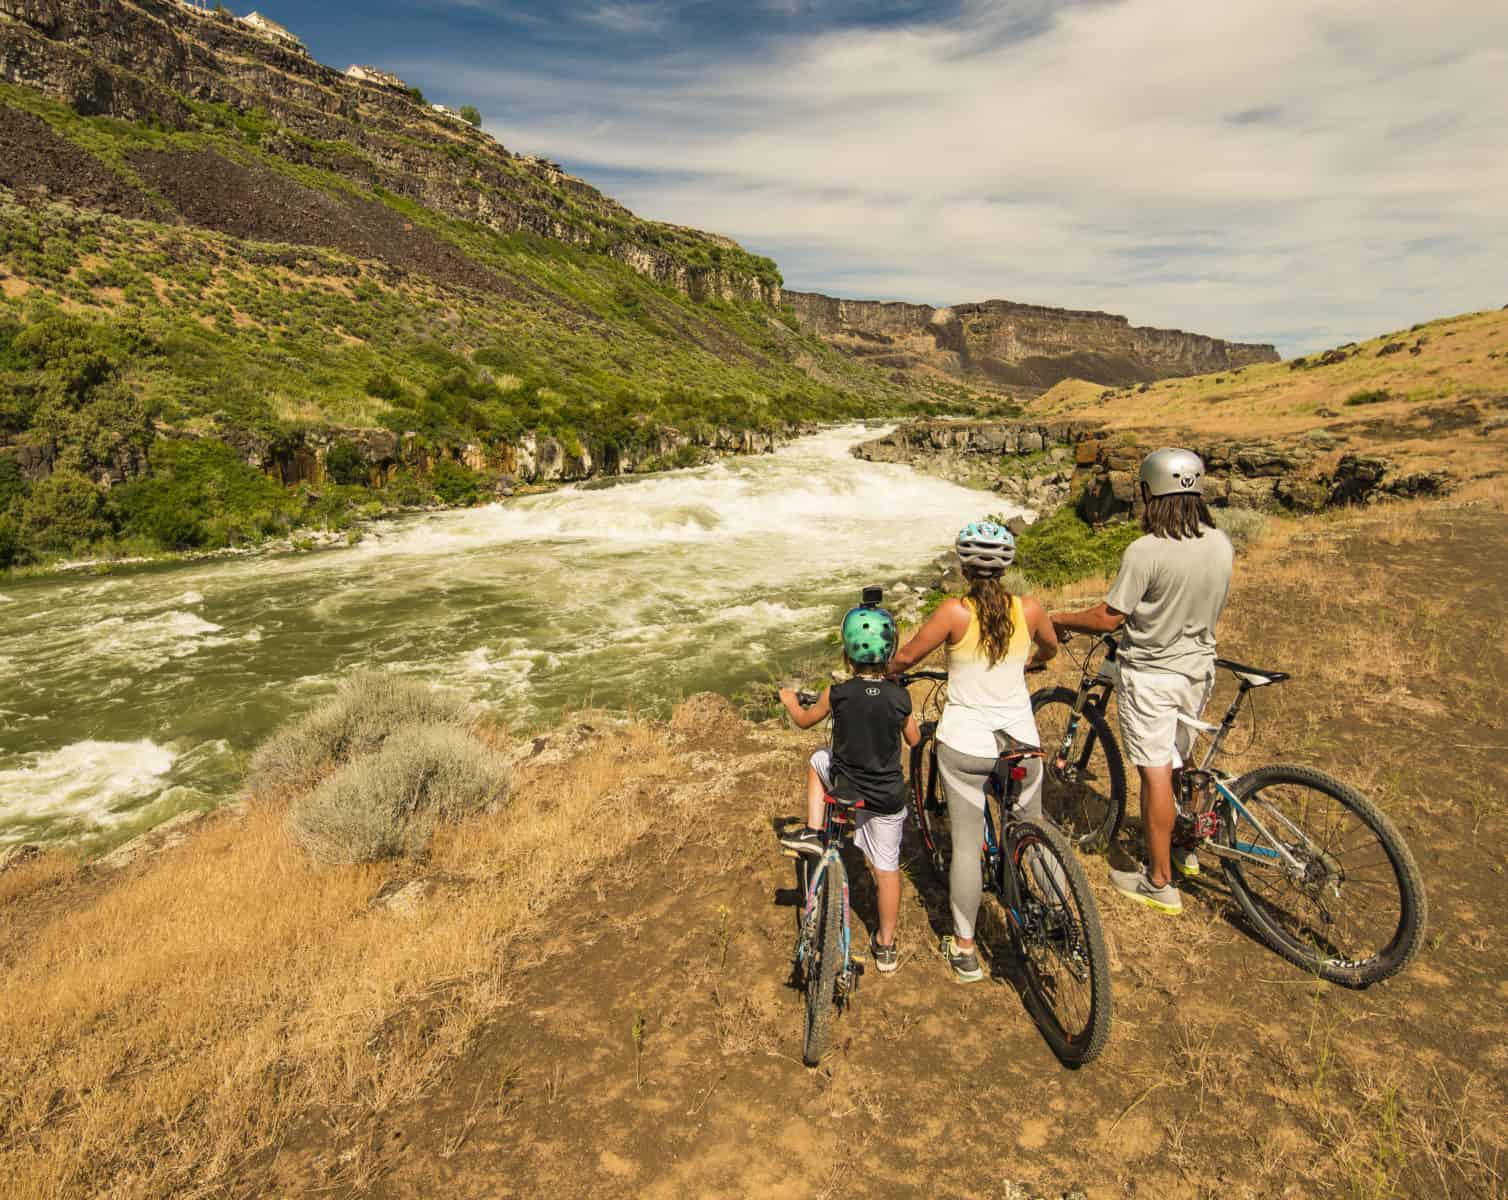 Idaho, Twin Falls. Young boy mountain biking near Snake River.